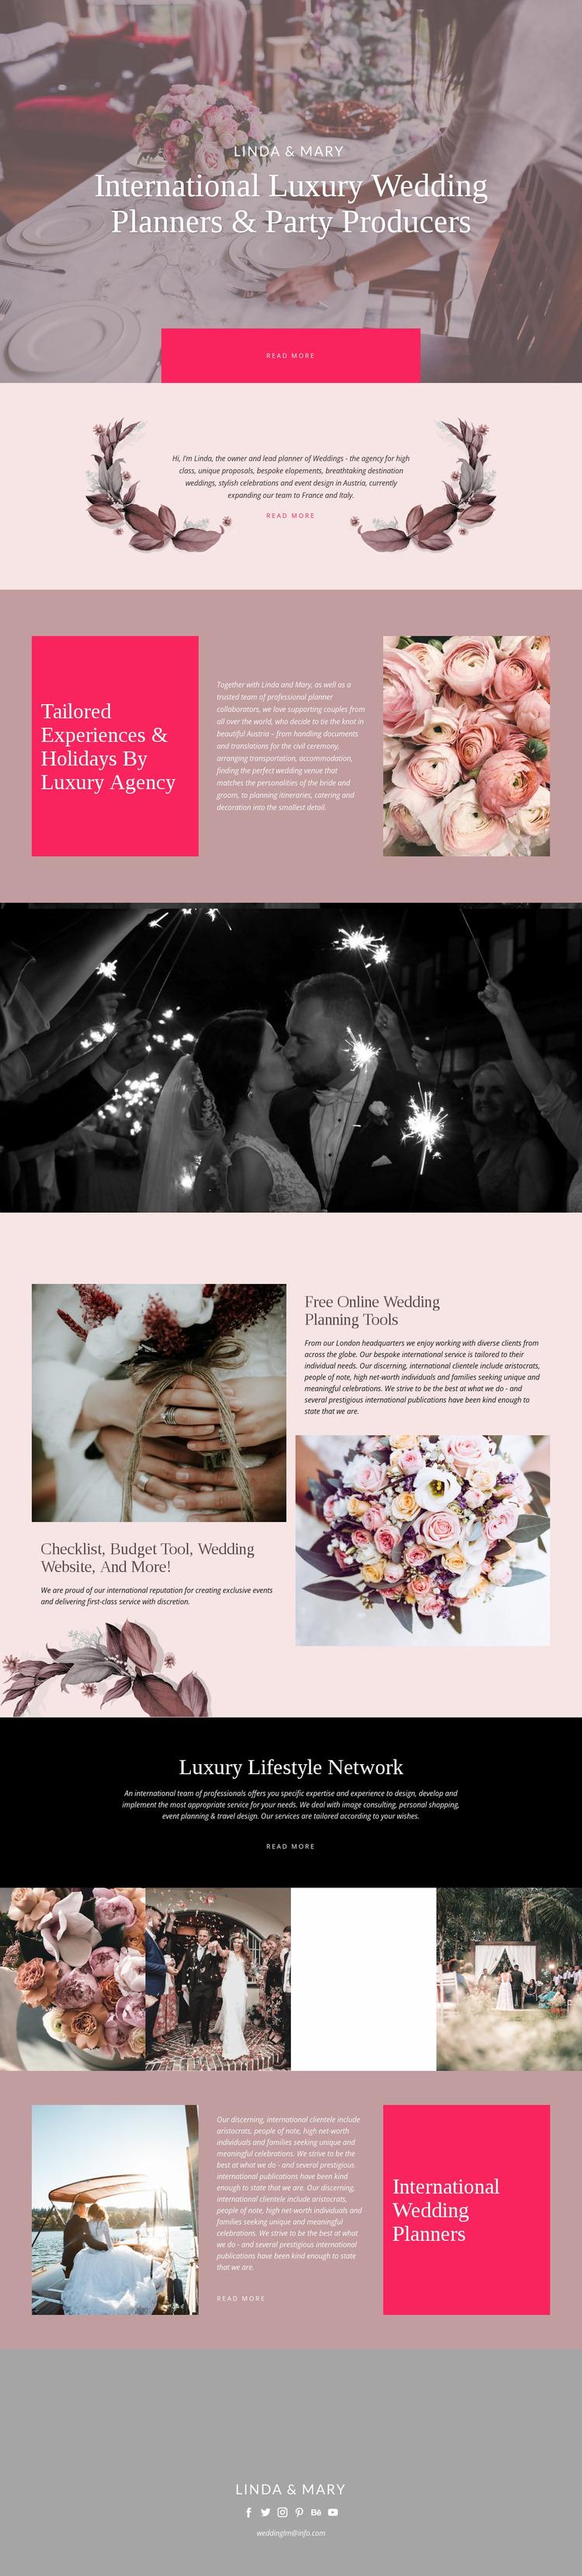 Luxury Wedding Website Mockup